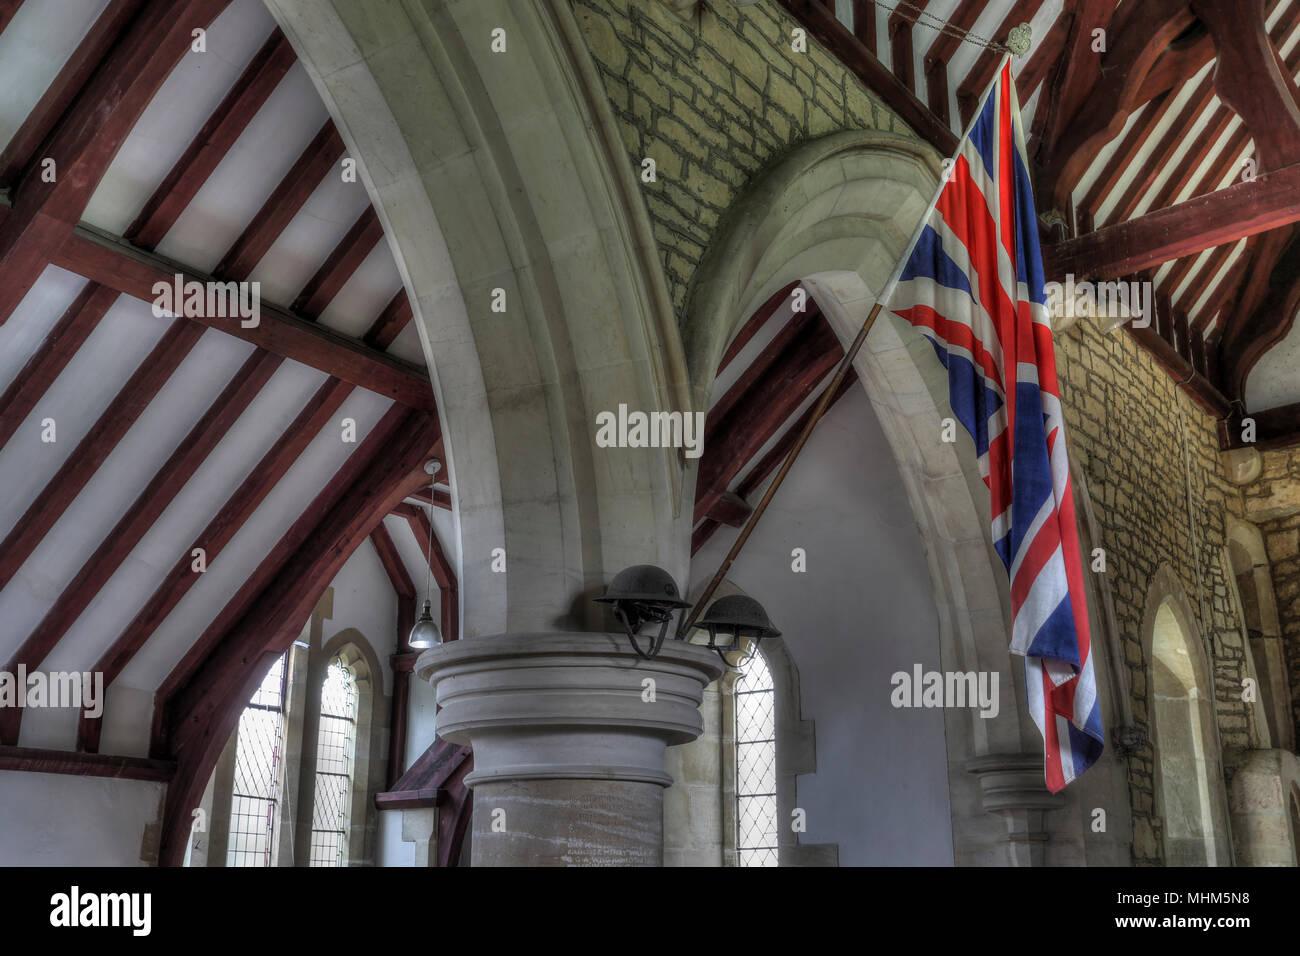 British Memorial - Stock Image